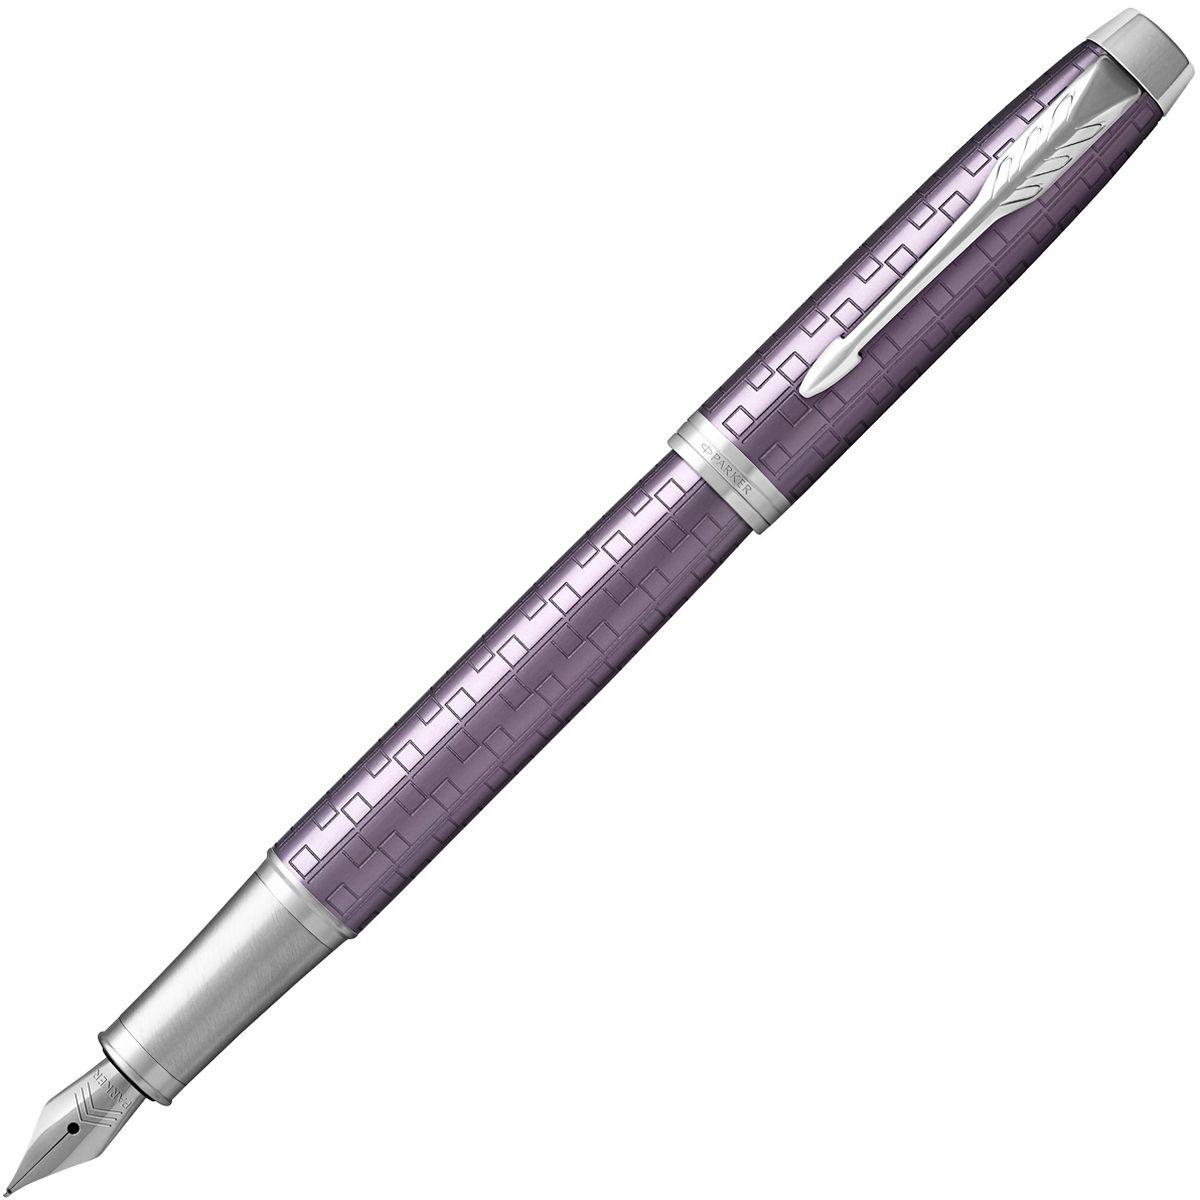 Parker Ручка перьевая IM Premium Dark Violet CT4863Материал корпуса: Фиолетовый анодированный алюминий с фирменным рисунком.Покрытие корпуса: Корпус из анодированного алюминия с выгравированными оригинальными графическими узорами, хромовое покрытие.Материал отделки деталей корпуса: Хромированная латунь.Перо: Нержавеющая сталь.Способ подачи стержня: колпачок.Вложение: 1 картридж.Сделано в Китае.Аналог PARKER-S0949760